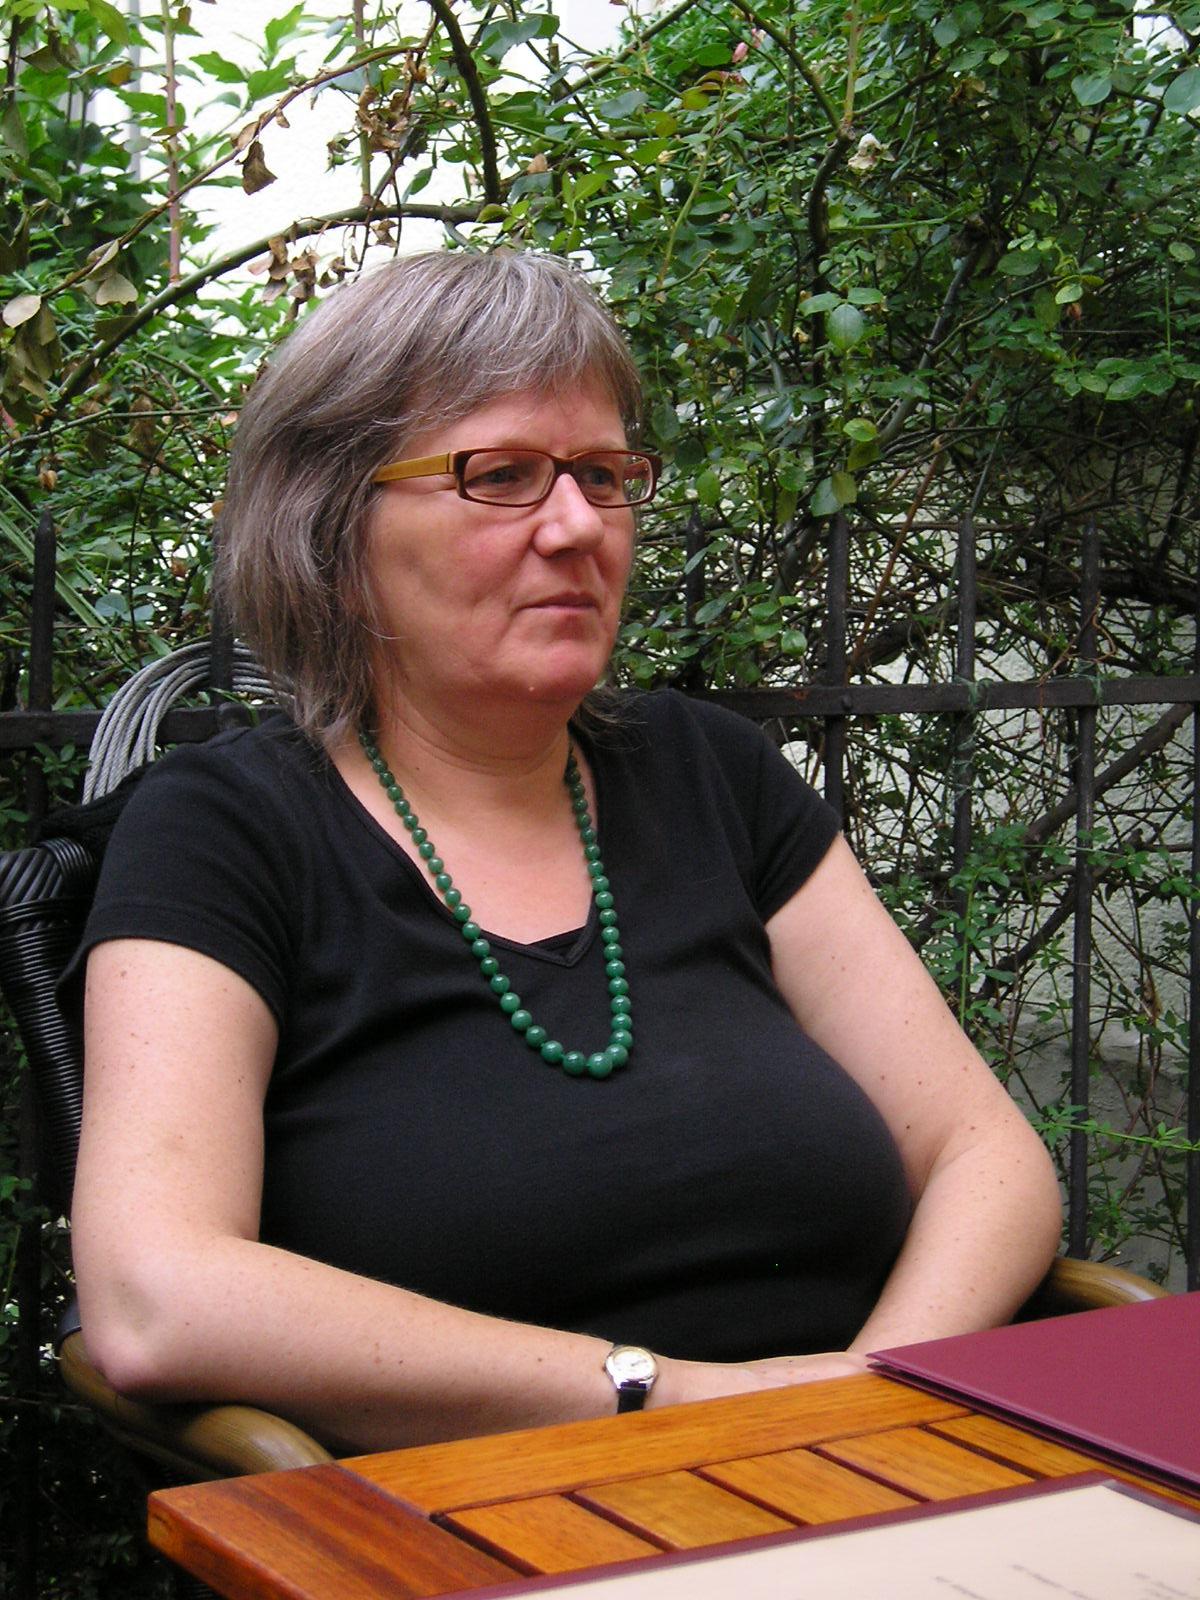 Geschäftsführerin Dr. Sabina Fleitmann. Foto: Kornelius Goetz